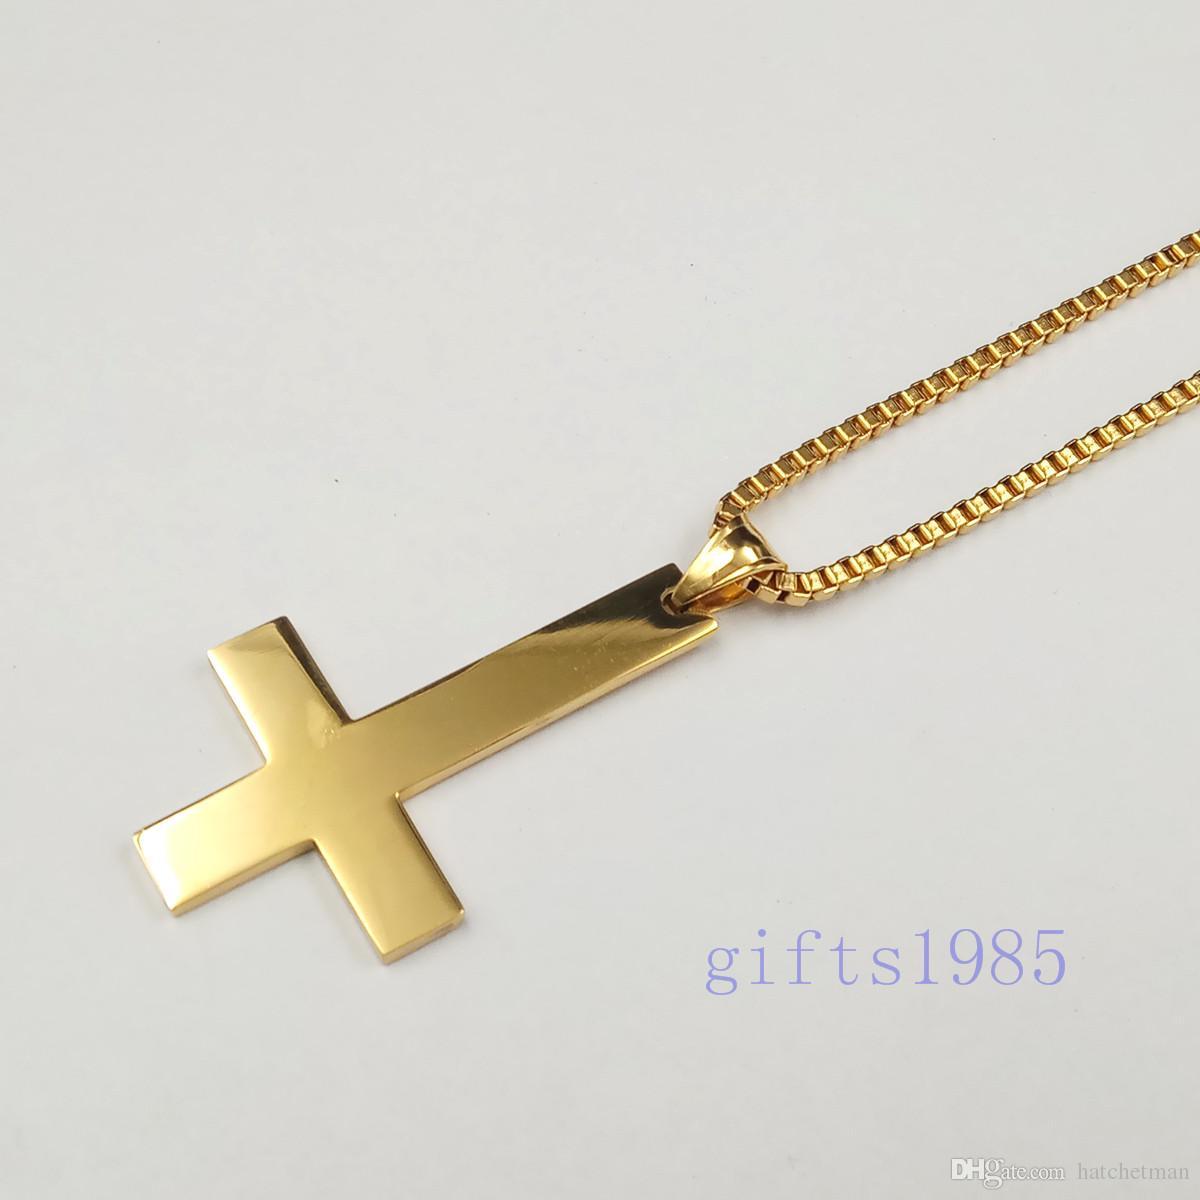 Крест Святого Петра вверх ногами крест из нержавеющей стали золотой Шарм ожерелье 30inchbox цепи мужской подарок